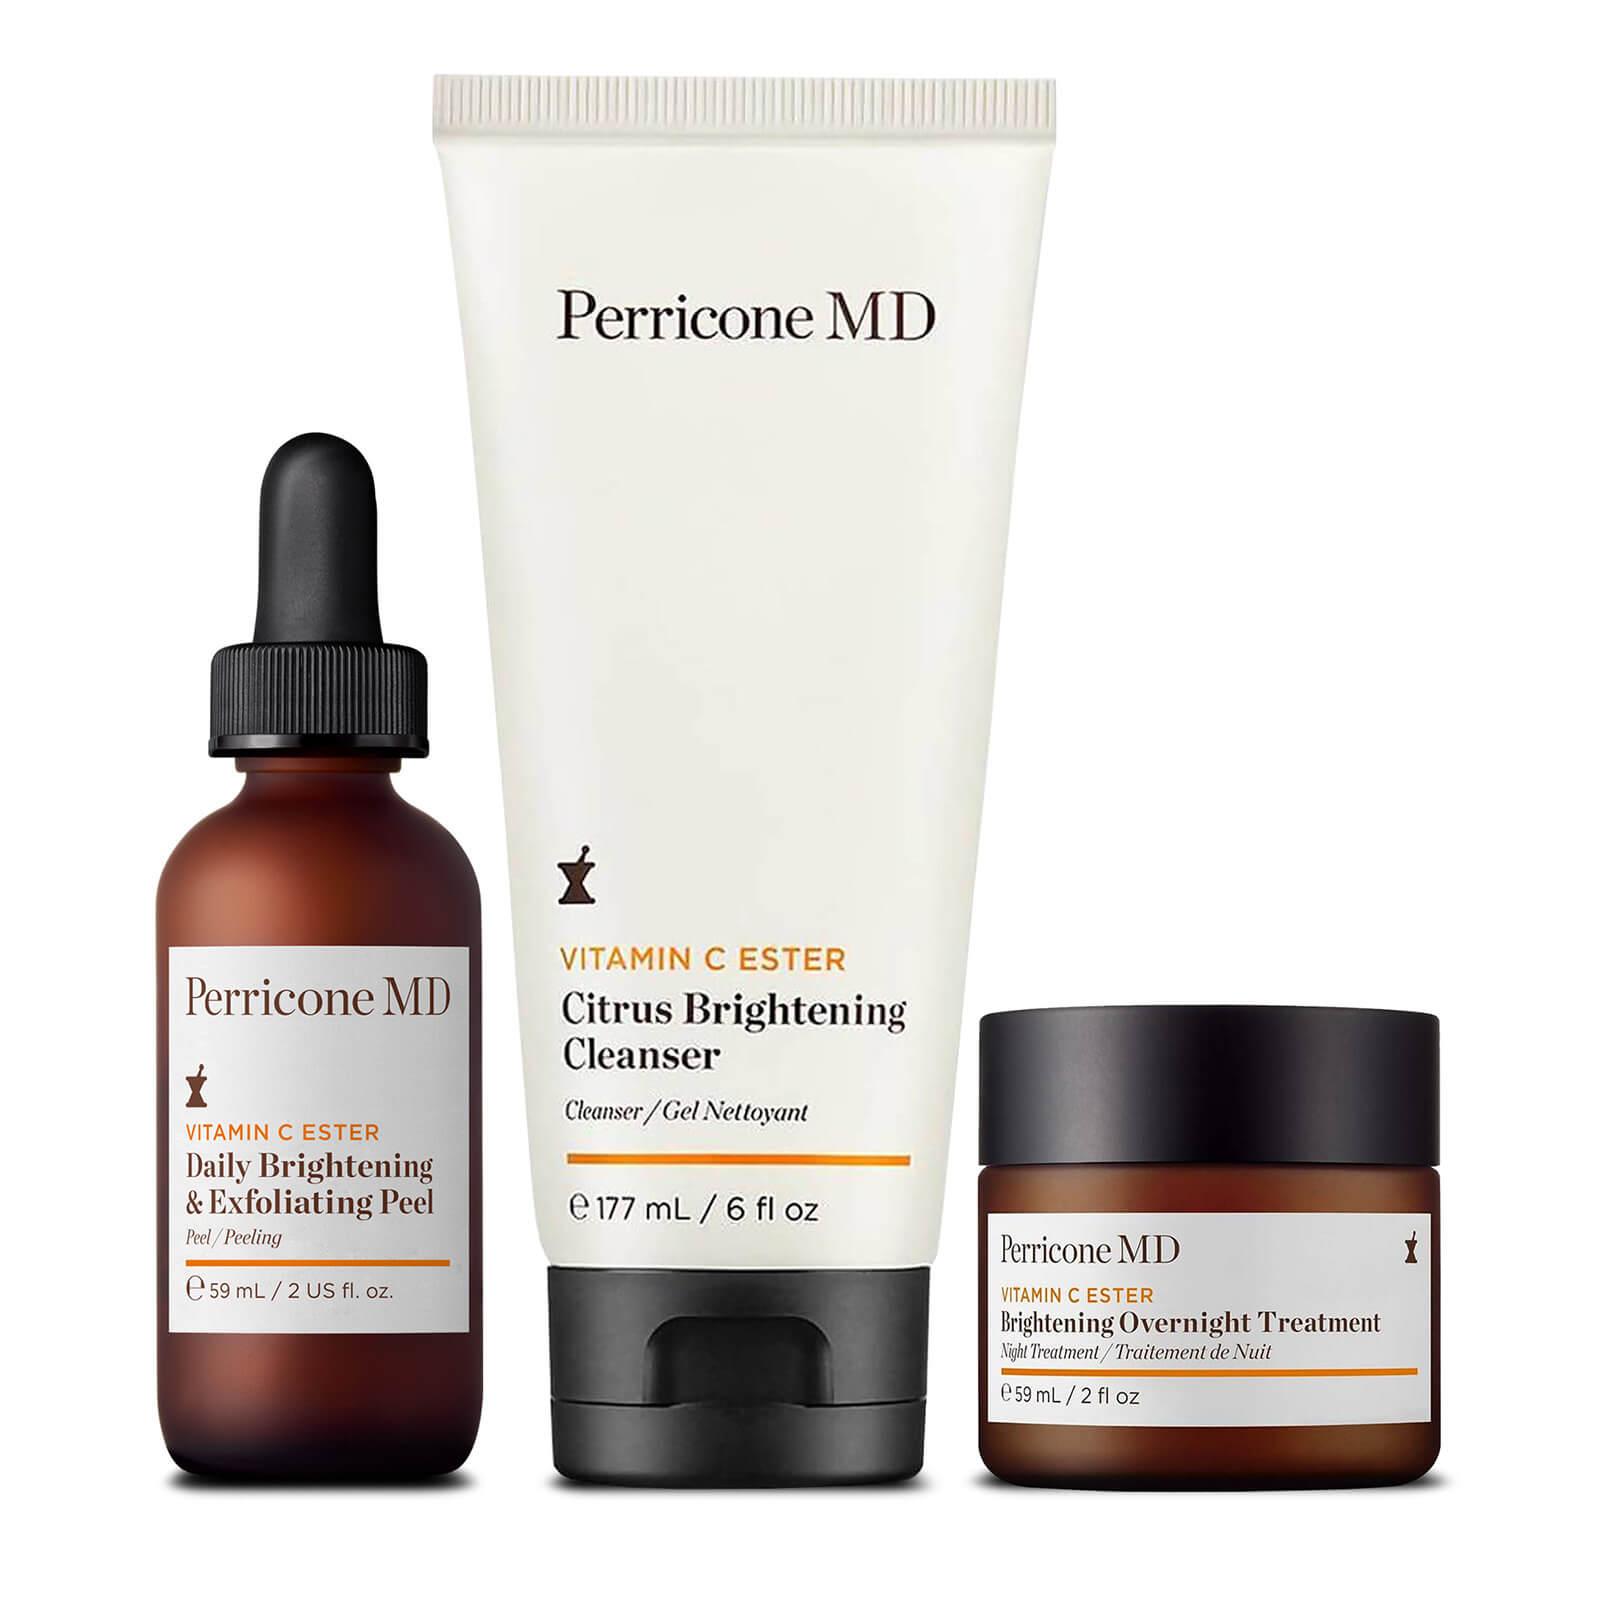 Perricone MD Vitamin C Ester Exfoliating, Brighten and Protect Regimen